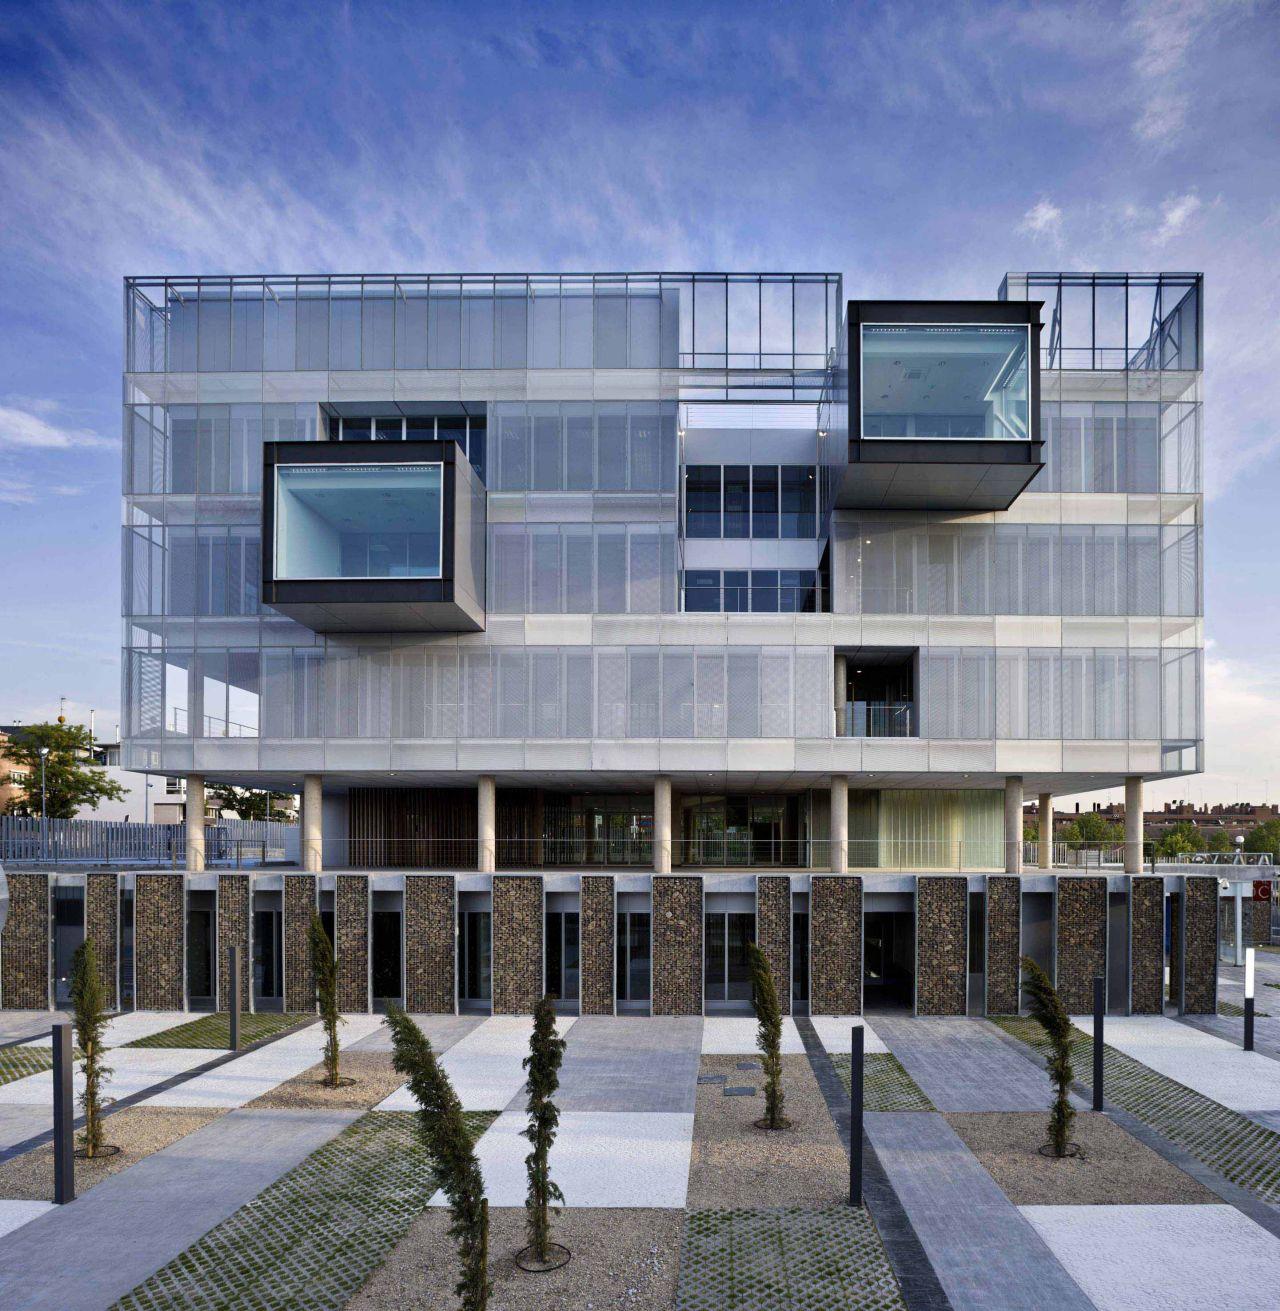 El Minimanie Ventanas: Fuencarral-El Pardo Police Station / Voluar Arquitectura